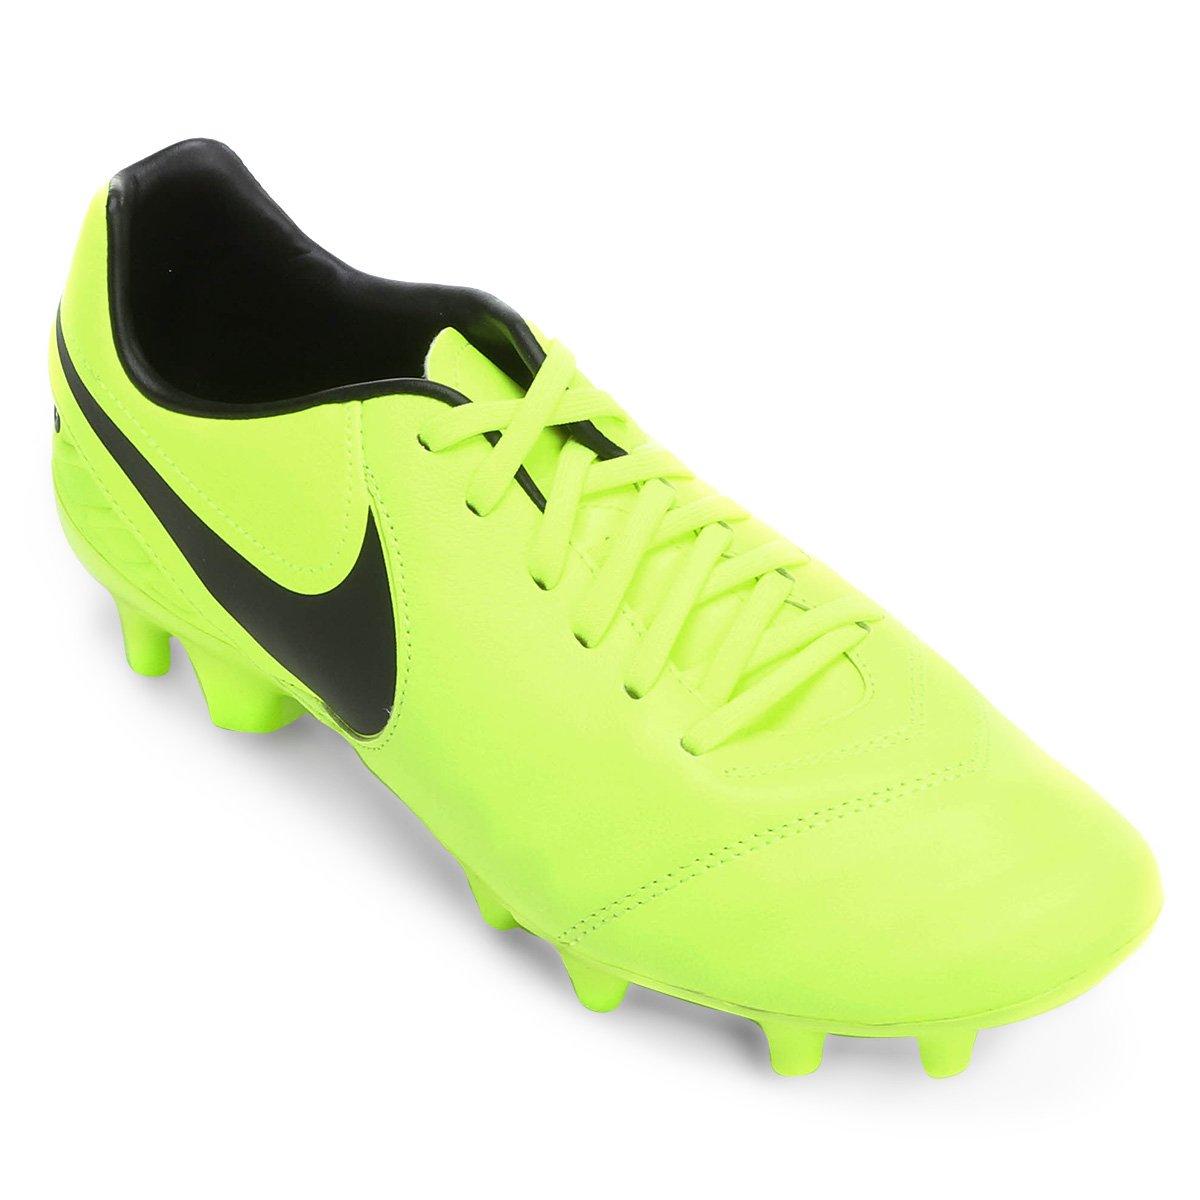 e4aff672ff Chuteira Campo Nike Tiempo Mystic 5 FG - Compre Agora